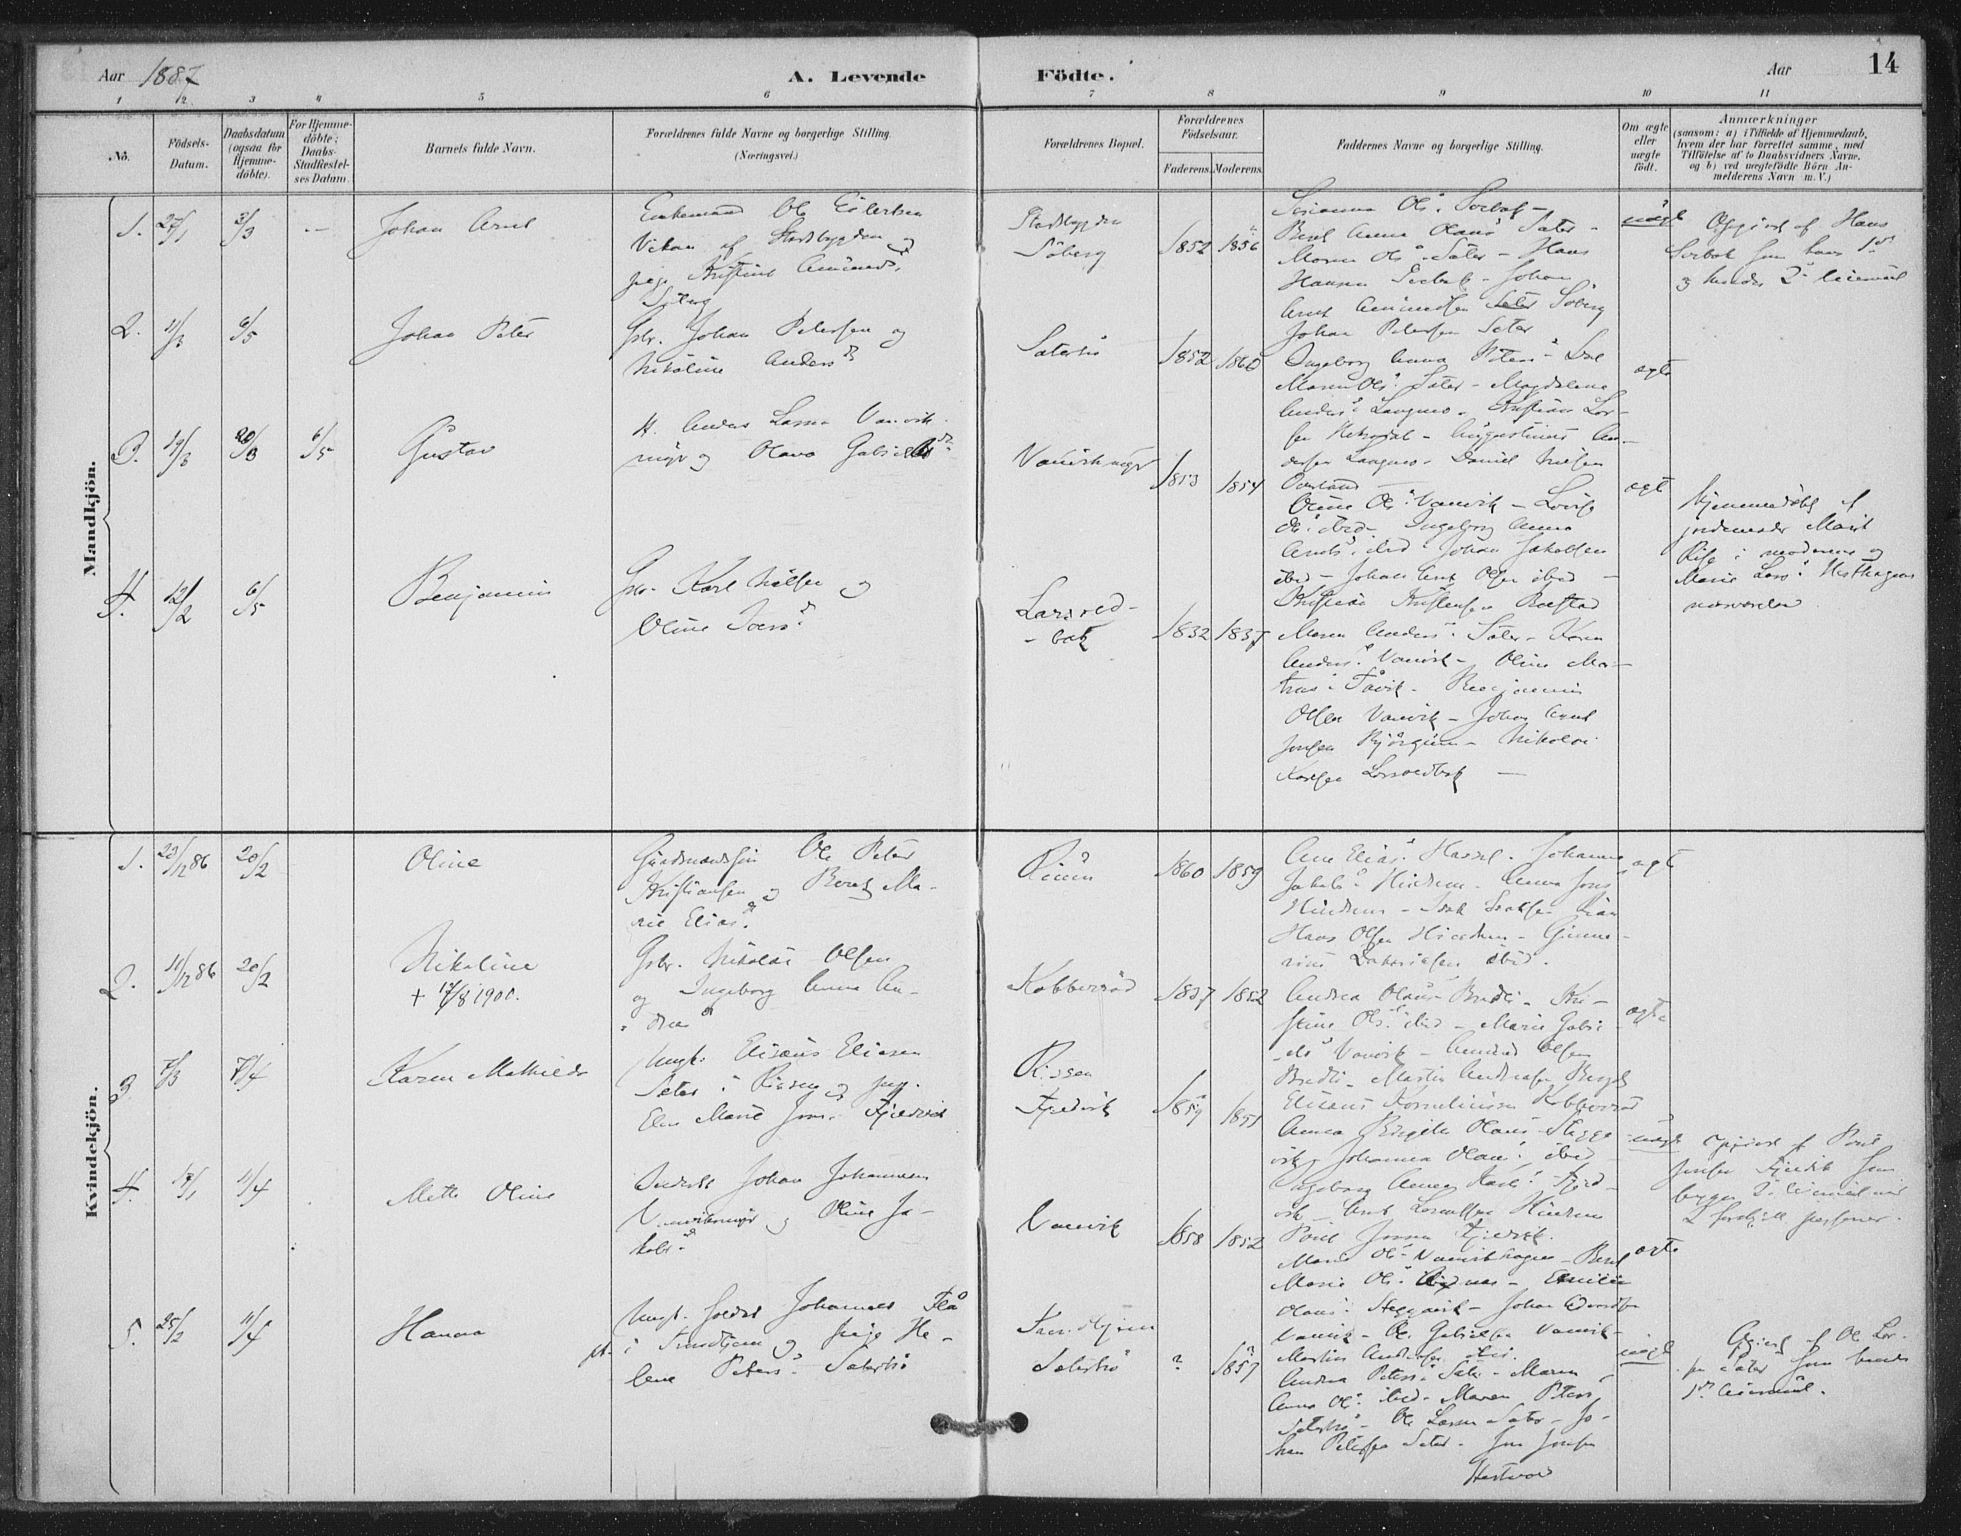 SAT, Ministerialprotokoller, klokkerbøker og fødselsregistre - Nord-Trøndelag, 702/L0023: Ministerialbok nr. 702A01, 1883-1897, s. 14